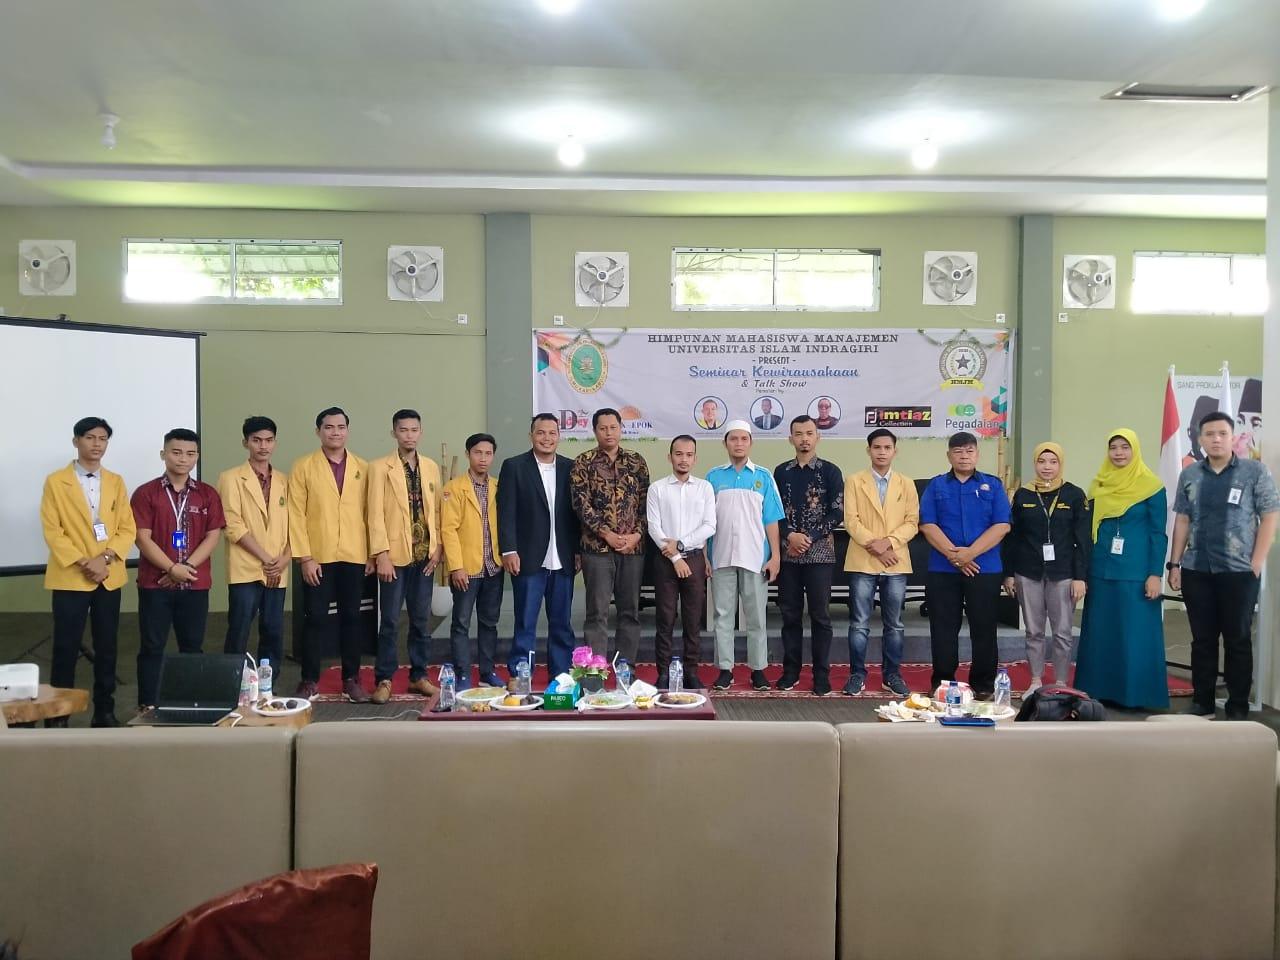 Sebarkan Semangat Wirausaha Di Kalangan Mahasiswa, UMJM UNISI Adakan Seminar & Talkshow